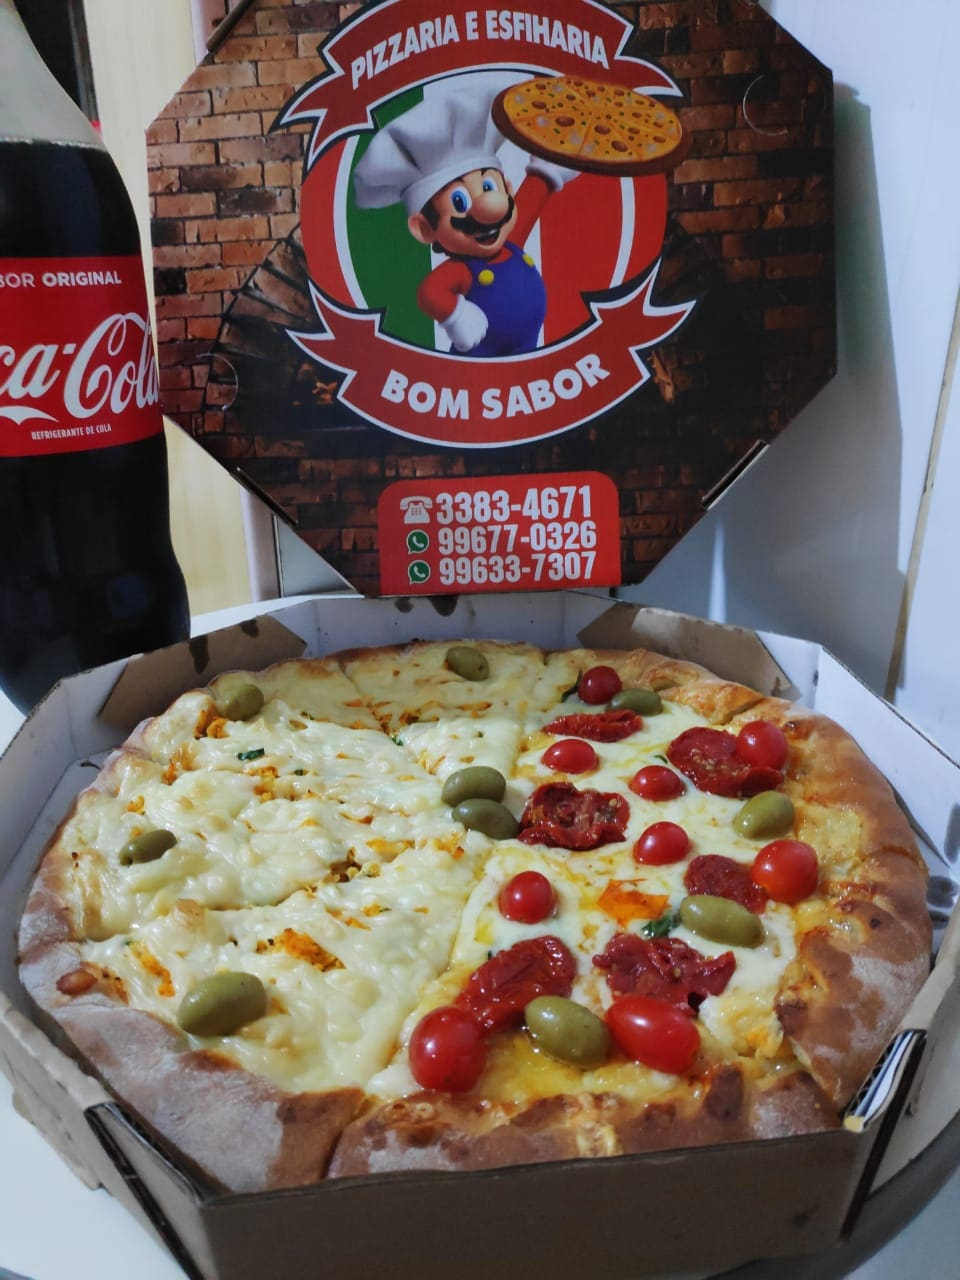 Pizzaria & Esfiharia Bom Sabor